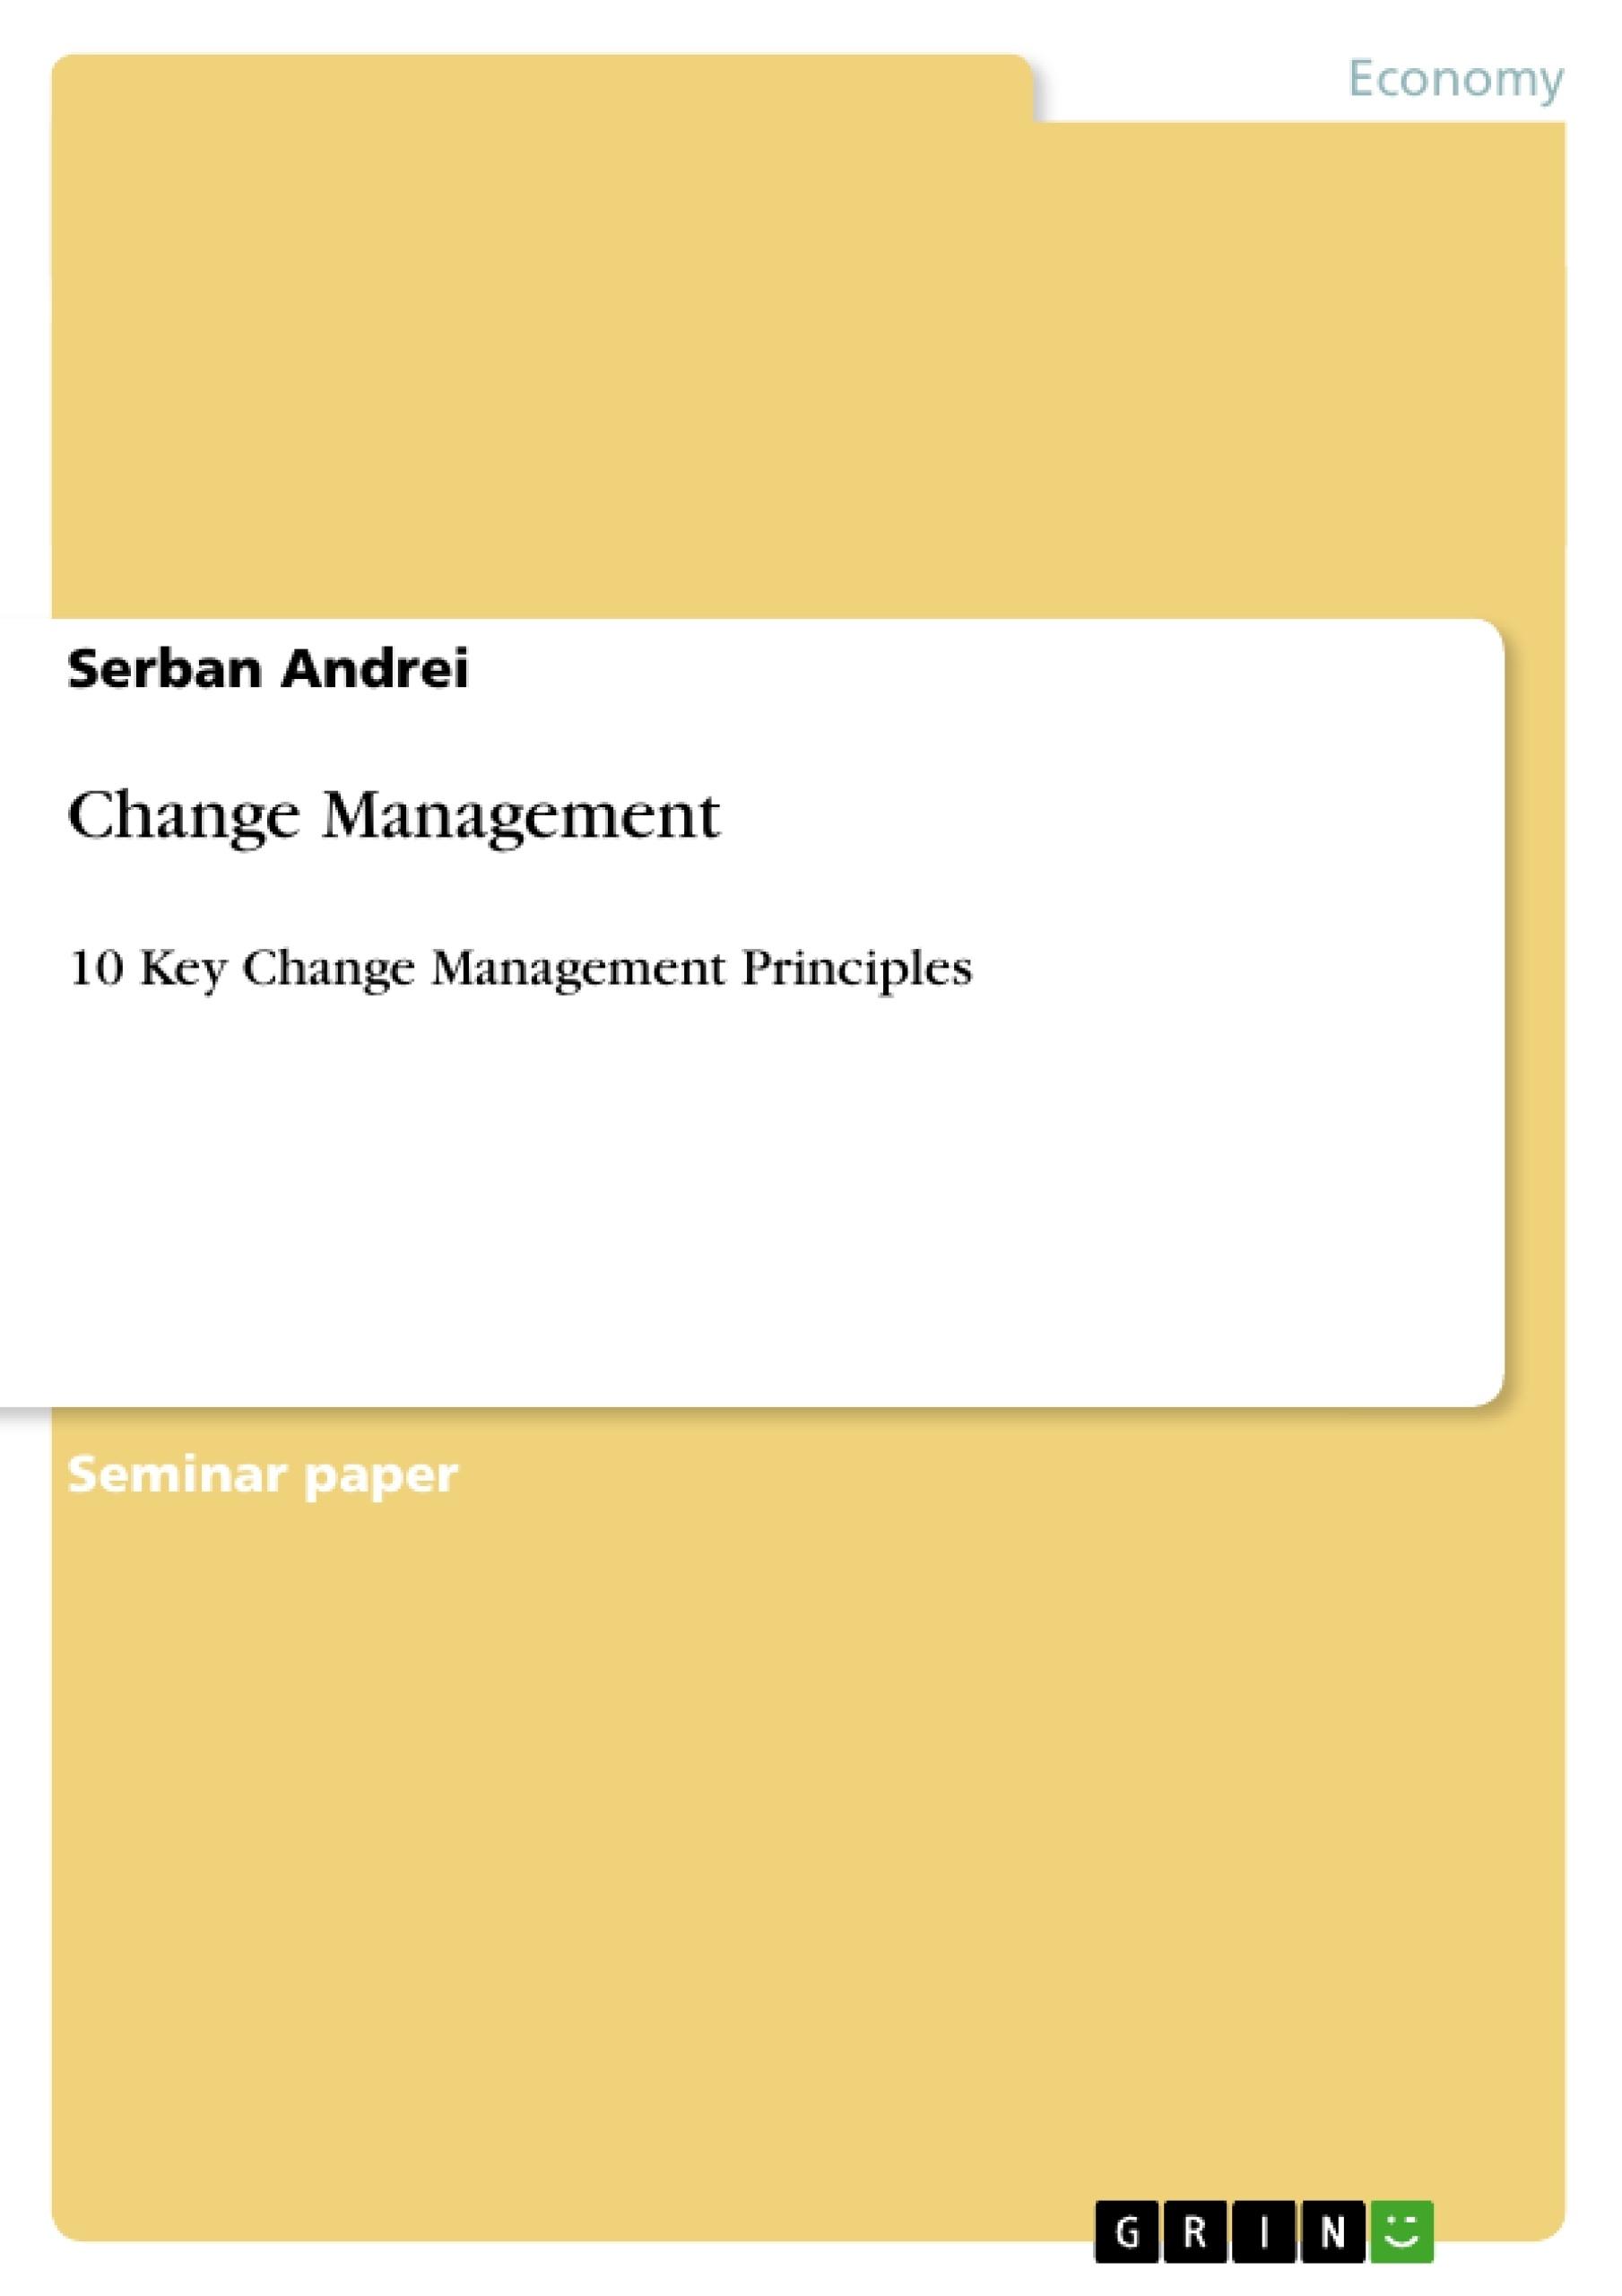 Title: Change Management